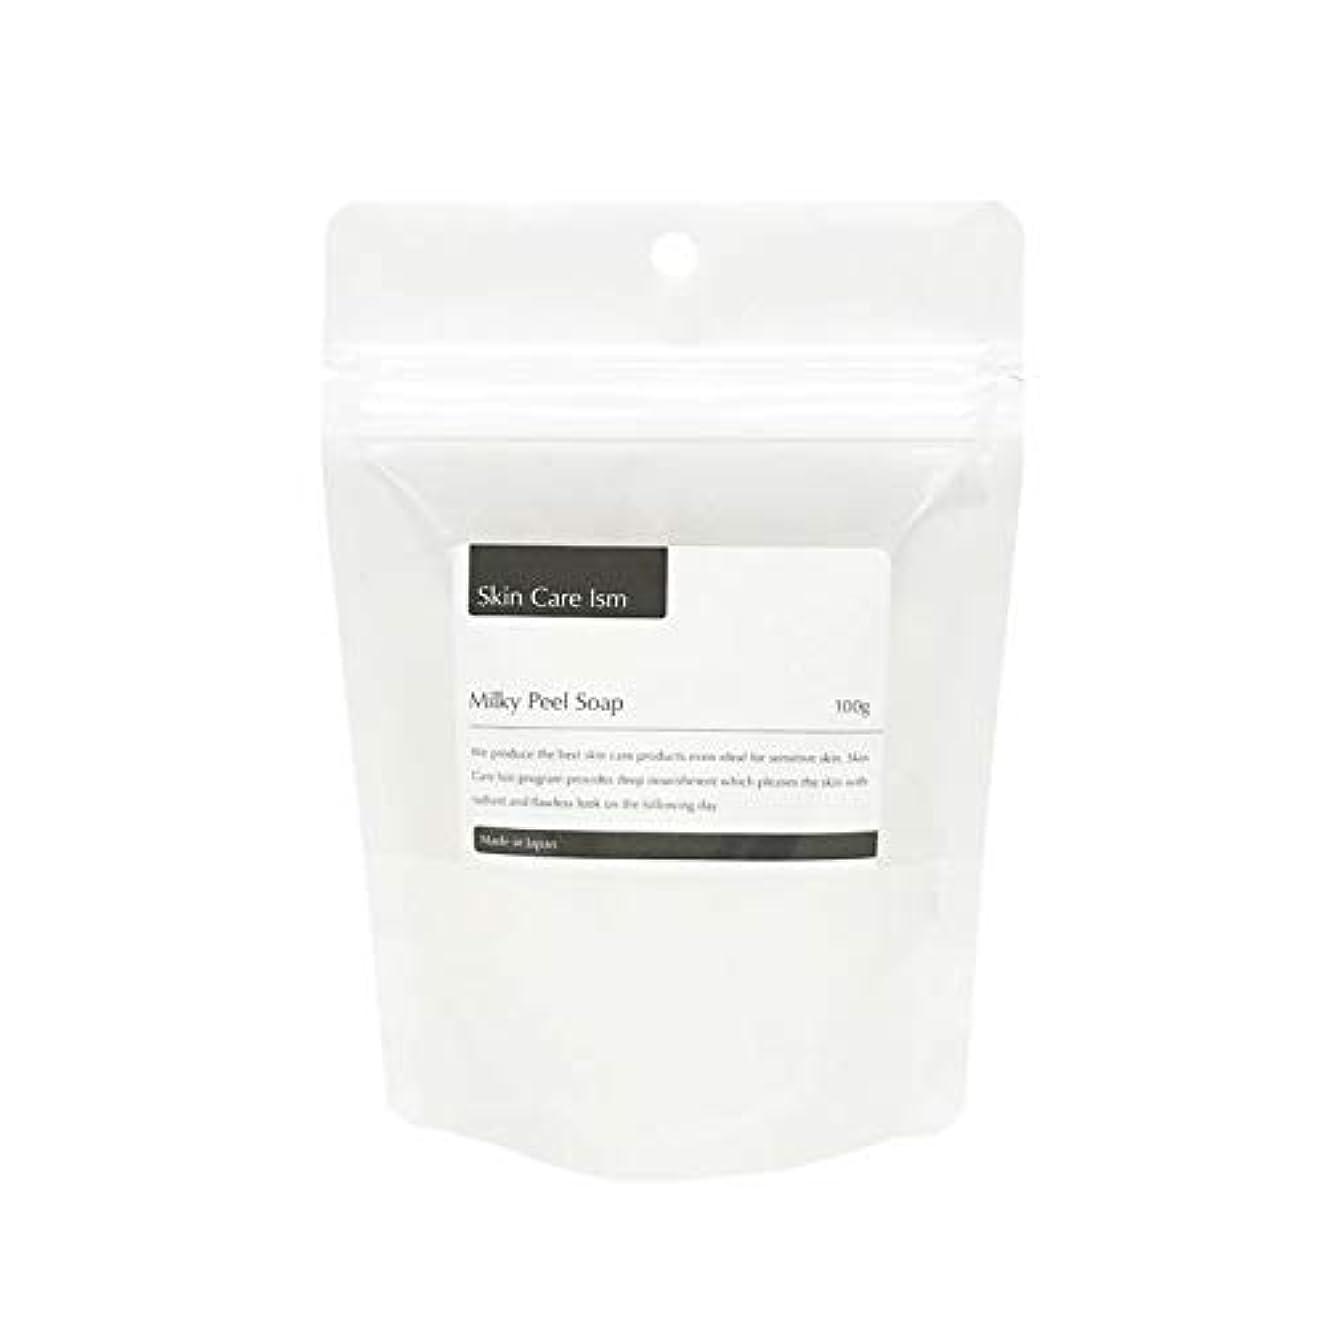 同性愛者アニメーション政策【Skin Care Ism / Milky Peel Soap】スキンケアイズム?ミルキーピールソープ